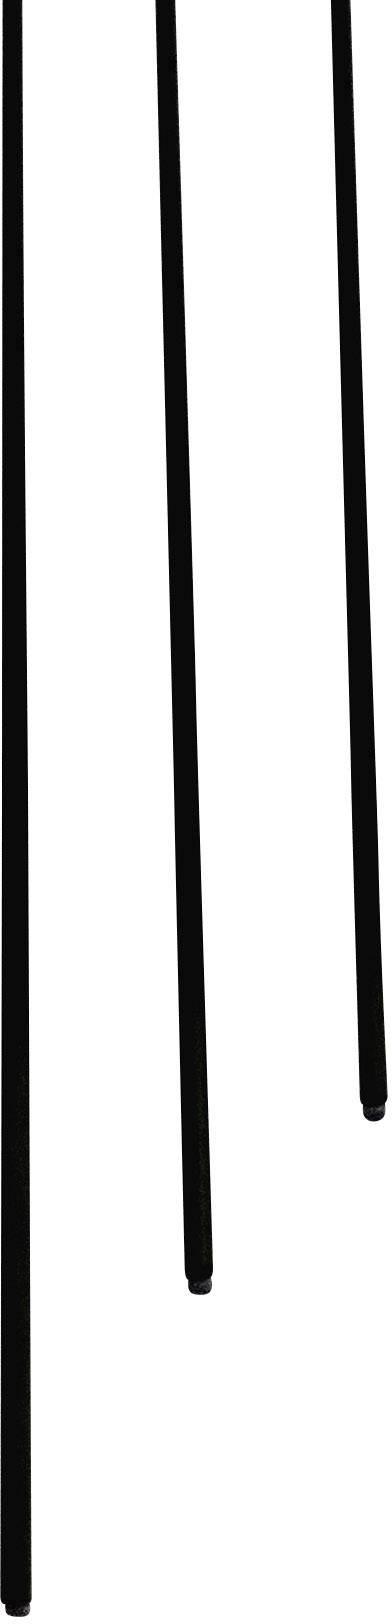 Uhlíkový profil trapézový 500 x 1,6 x 0,6/0,4 mm